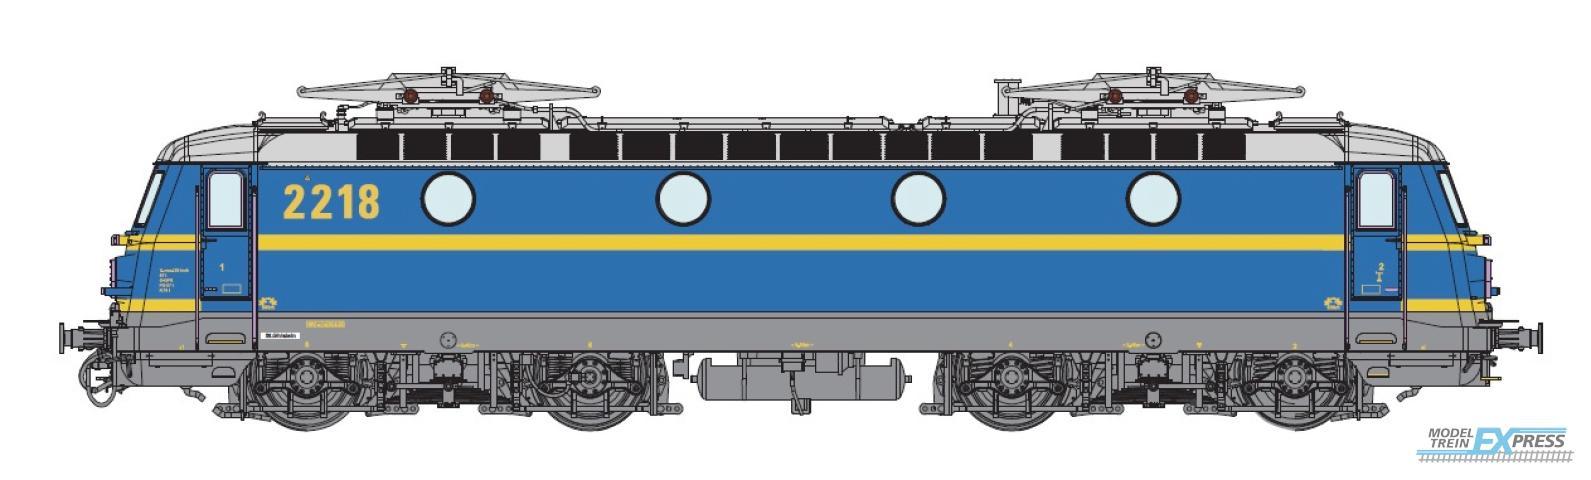 B-Models 3303.02